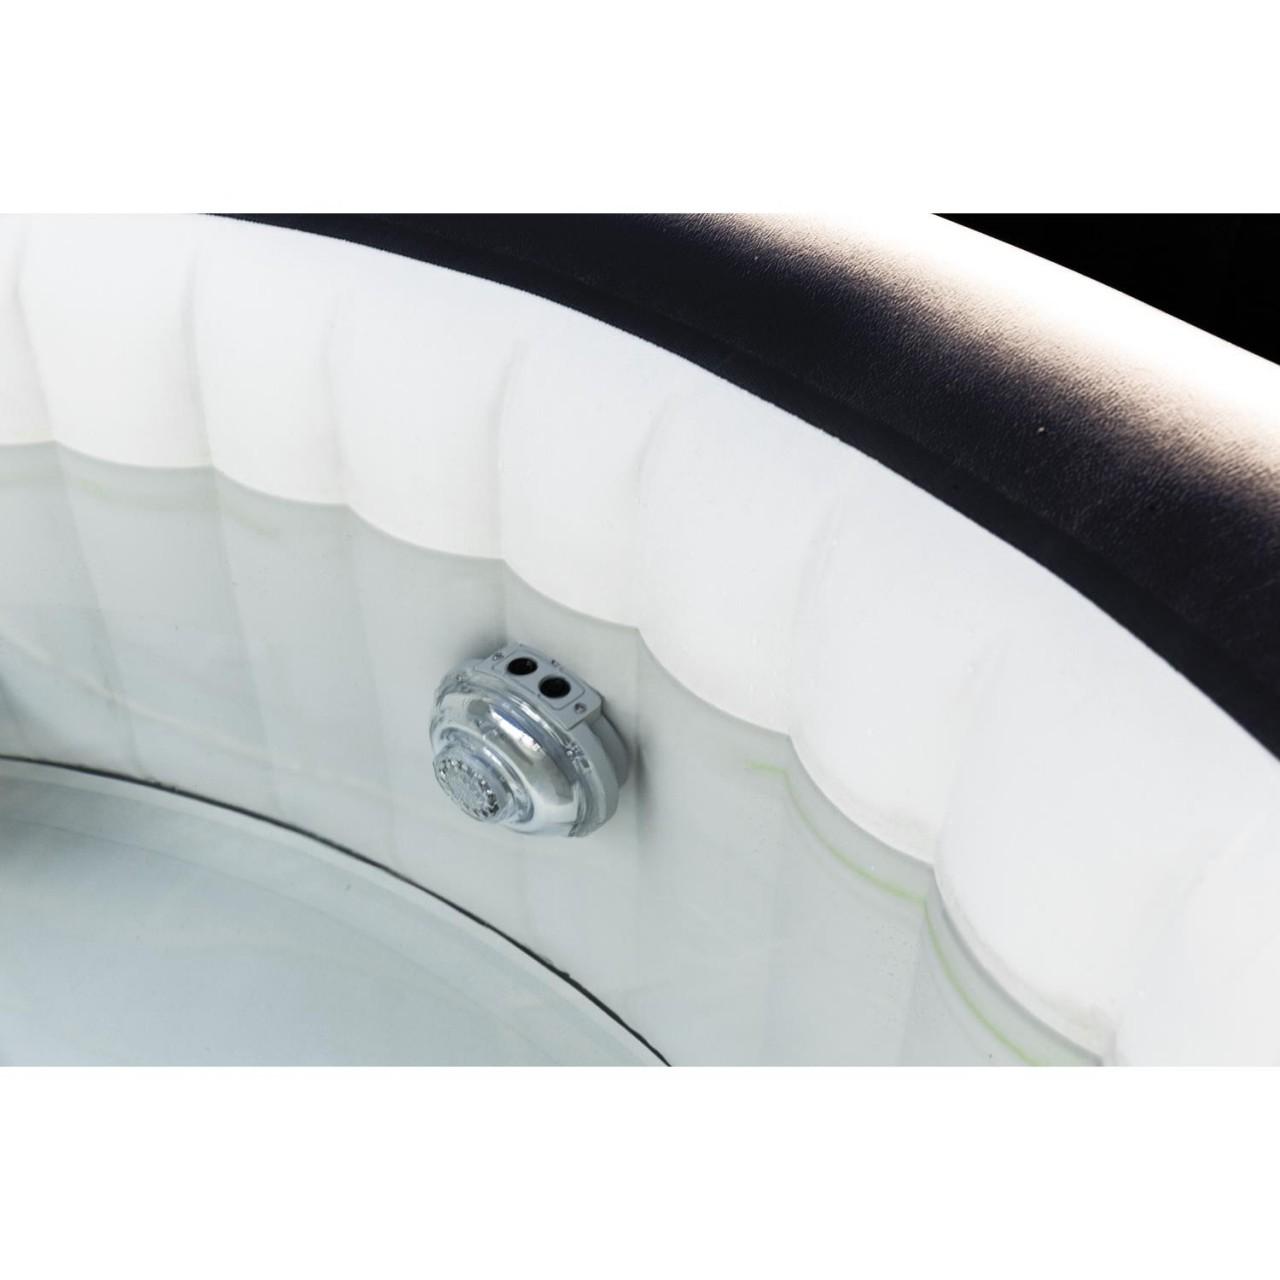 Intex 28504 LED Licht Beleuchtung 5Farben Whirlpool Spa Jacuzzi ohne Stromquelle